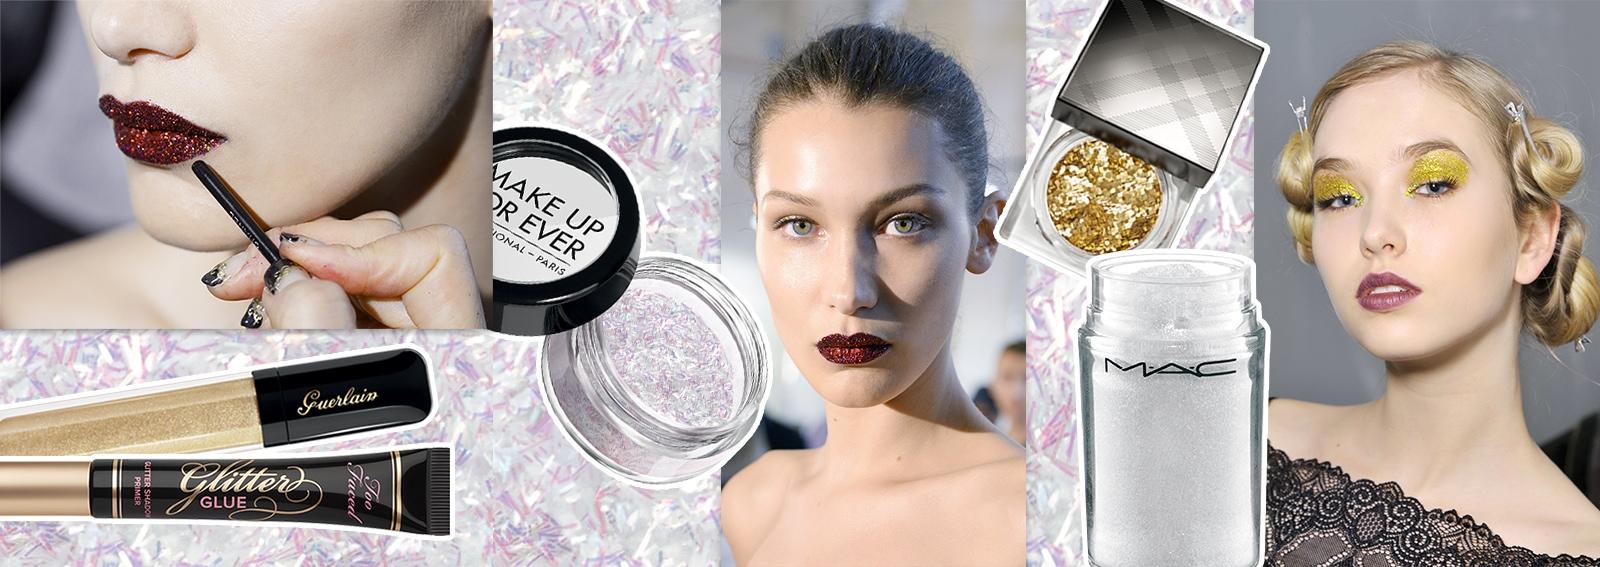 cover-glitter-make-up-desktop